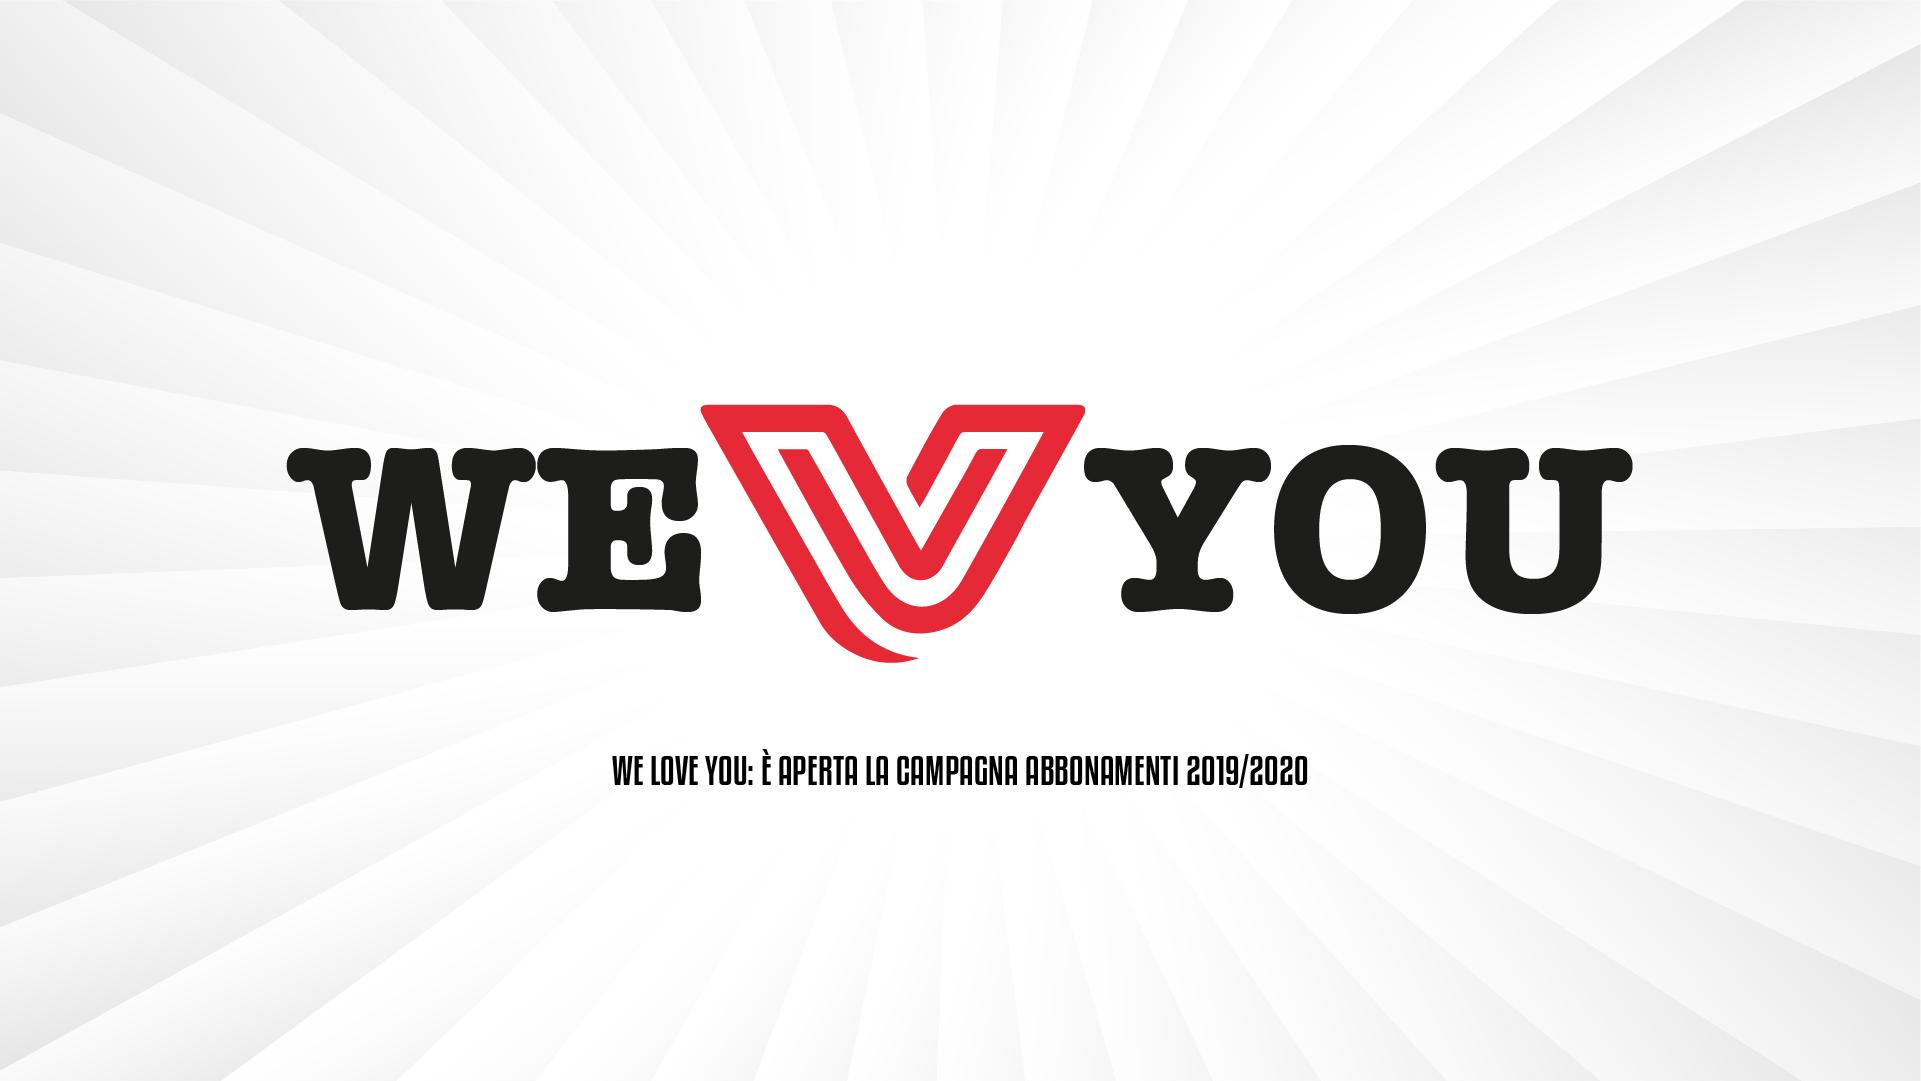 We Love You: è aperta la campagna abbonamenti 2019-2020!